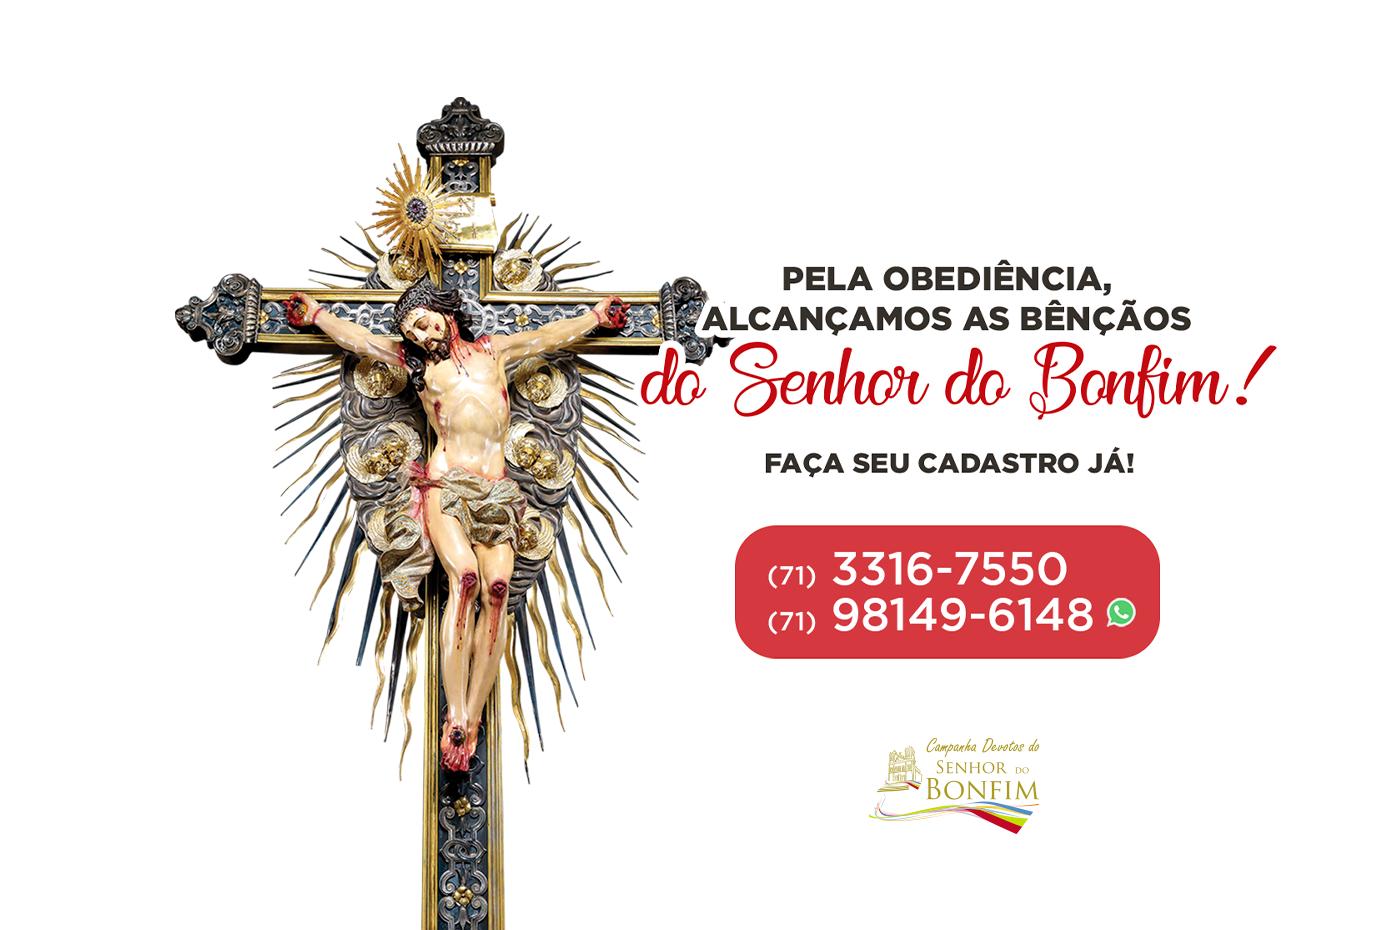 Entre agora mesmo para a nossa família Campanha Devotos do Senhor do Bonfim!